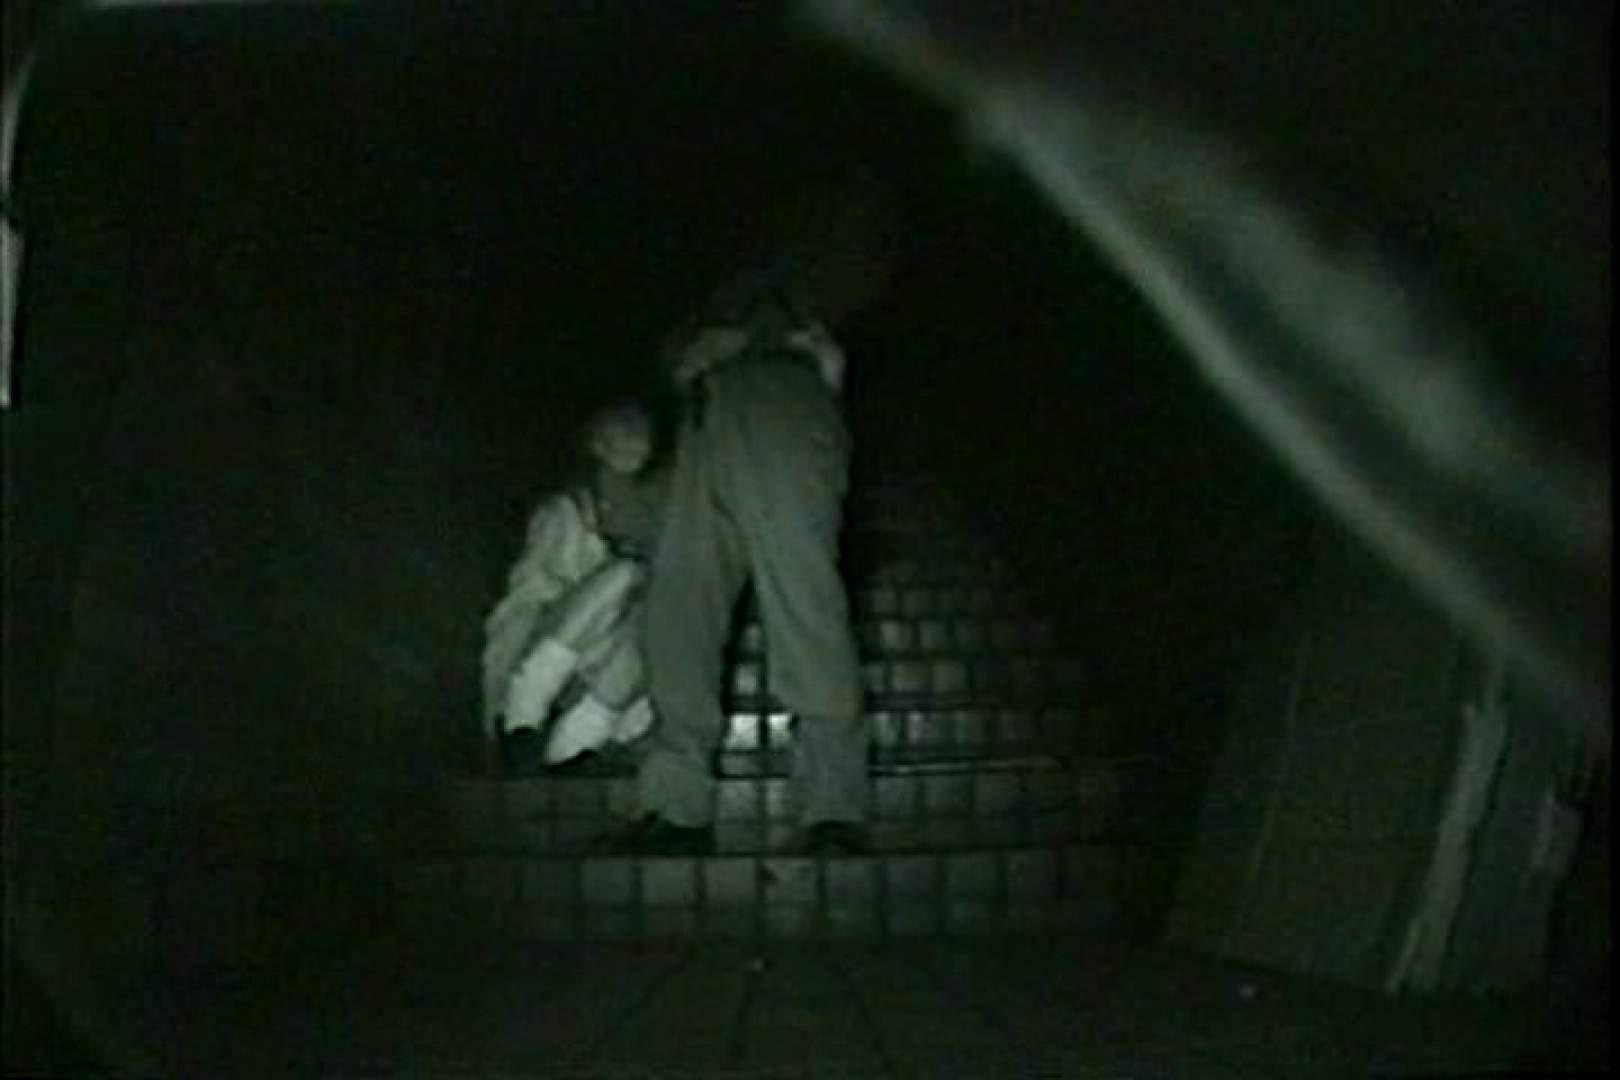 闇の仕掛け人 無修正版 Vol.17 制服エロ画像 のぞき動画画像 20PICs 7